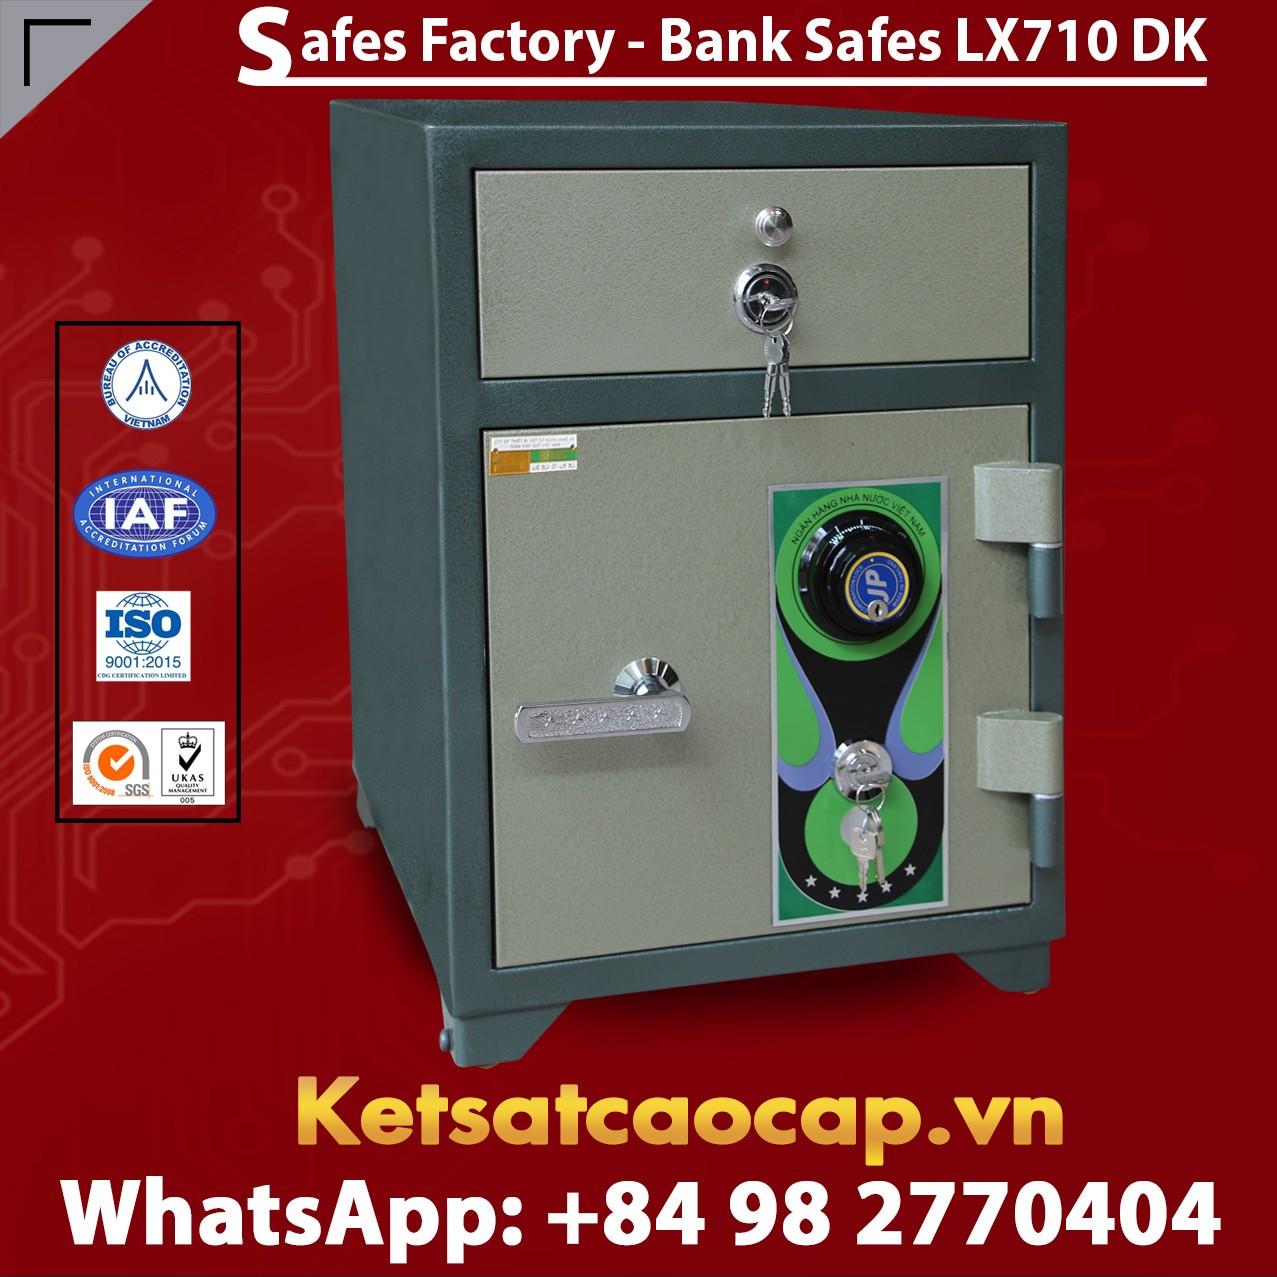 Bank Safes LX710 DK Security Cash Locker Depository Safe Deposit Box